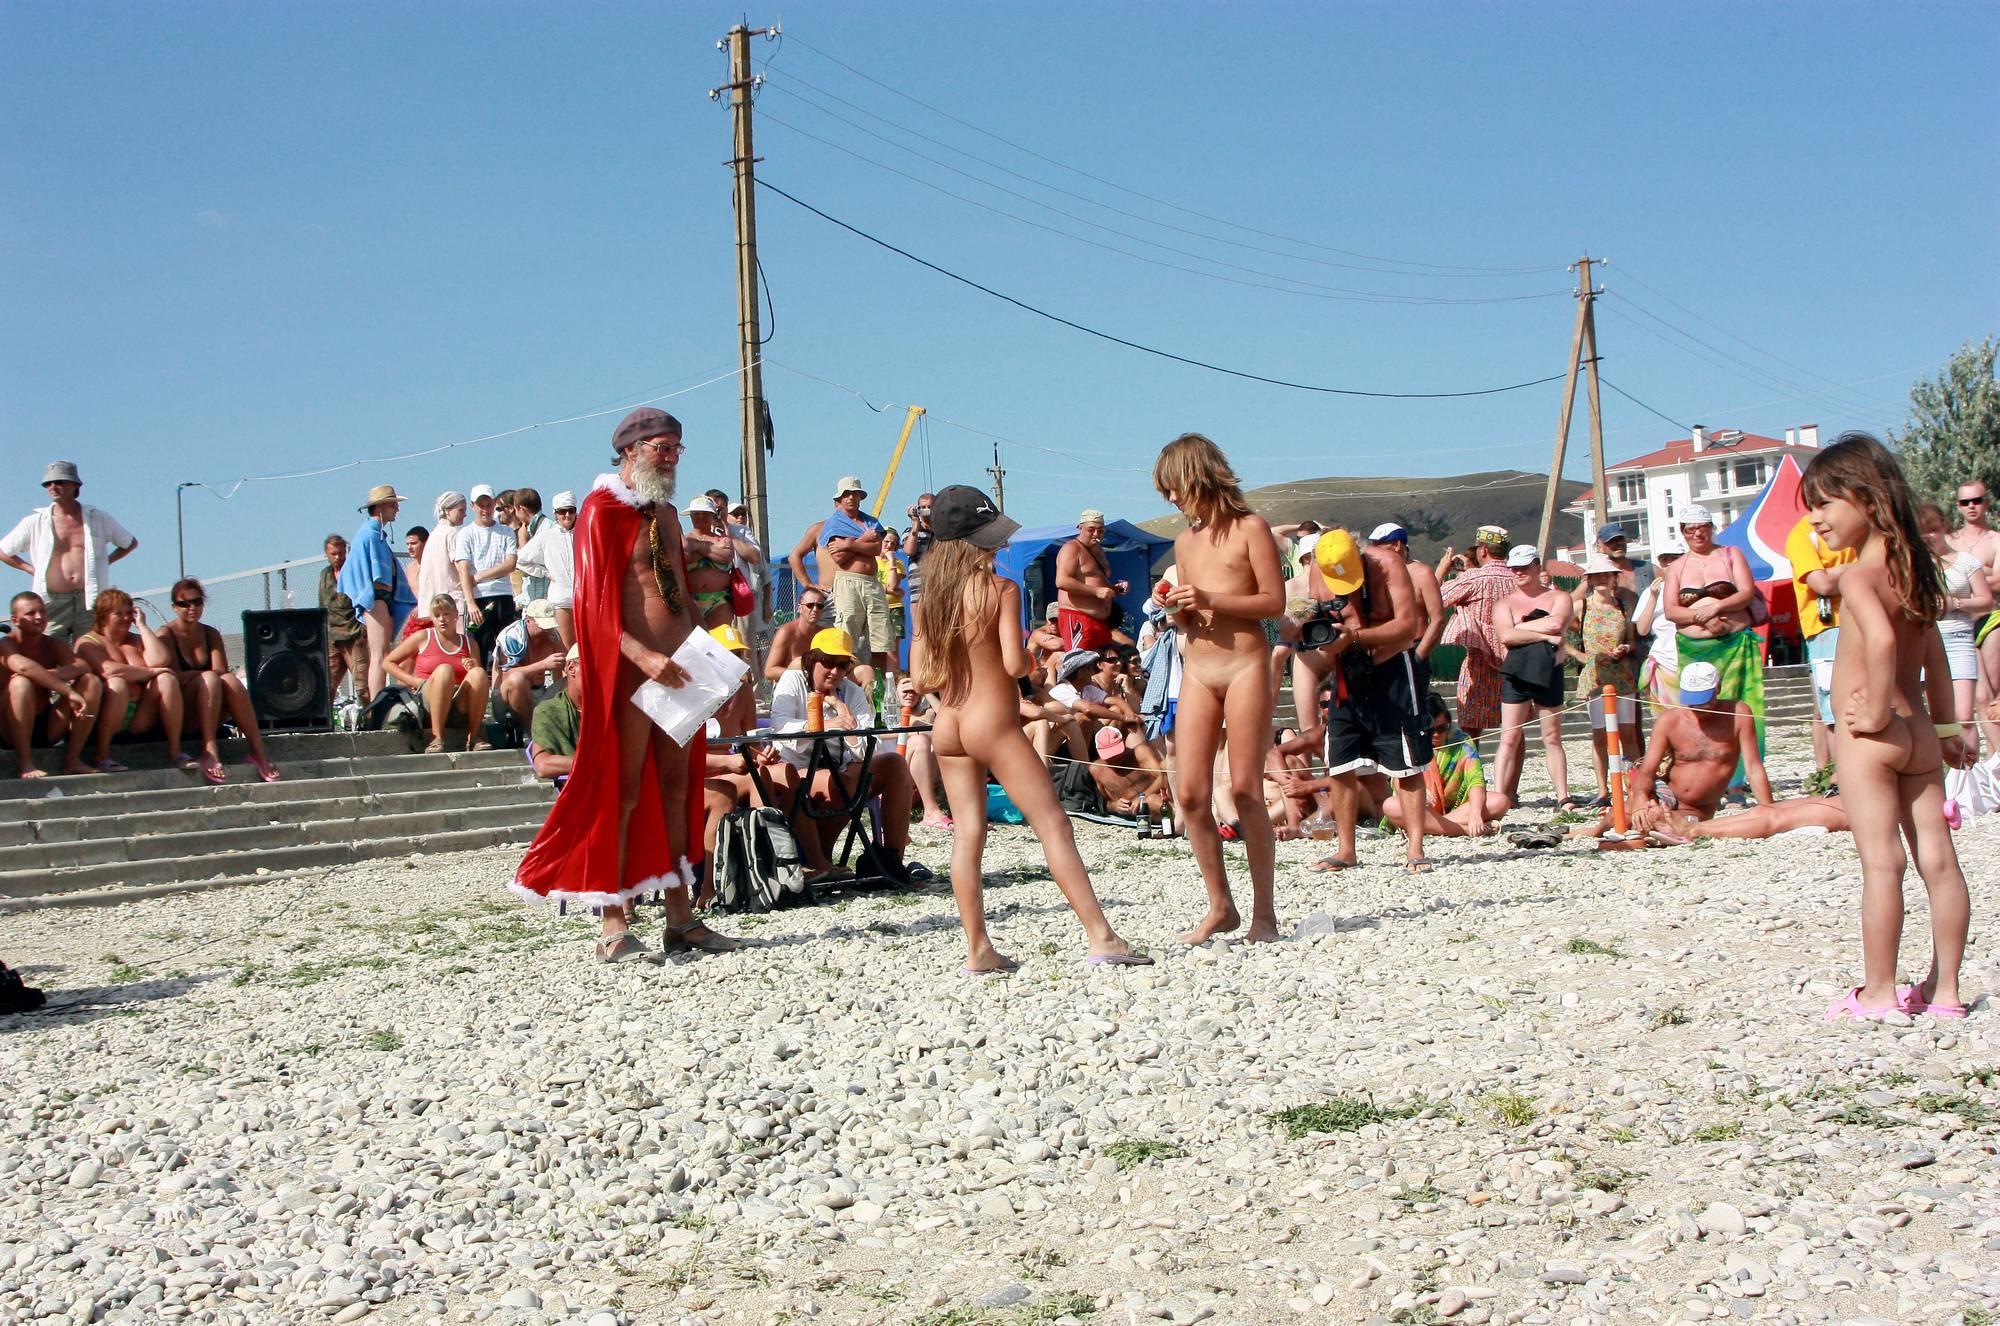 Nudist Pics Nudist Mini Group Huddle - 2